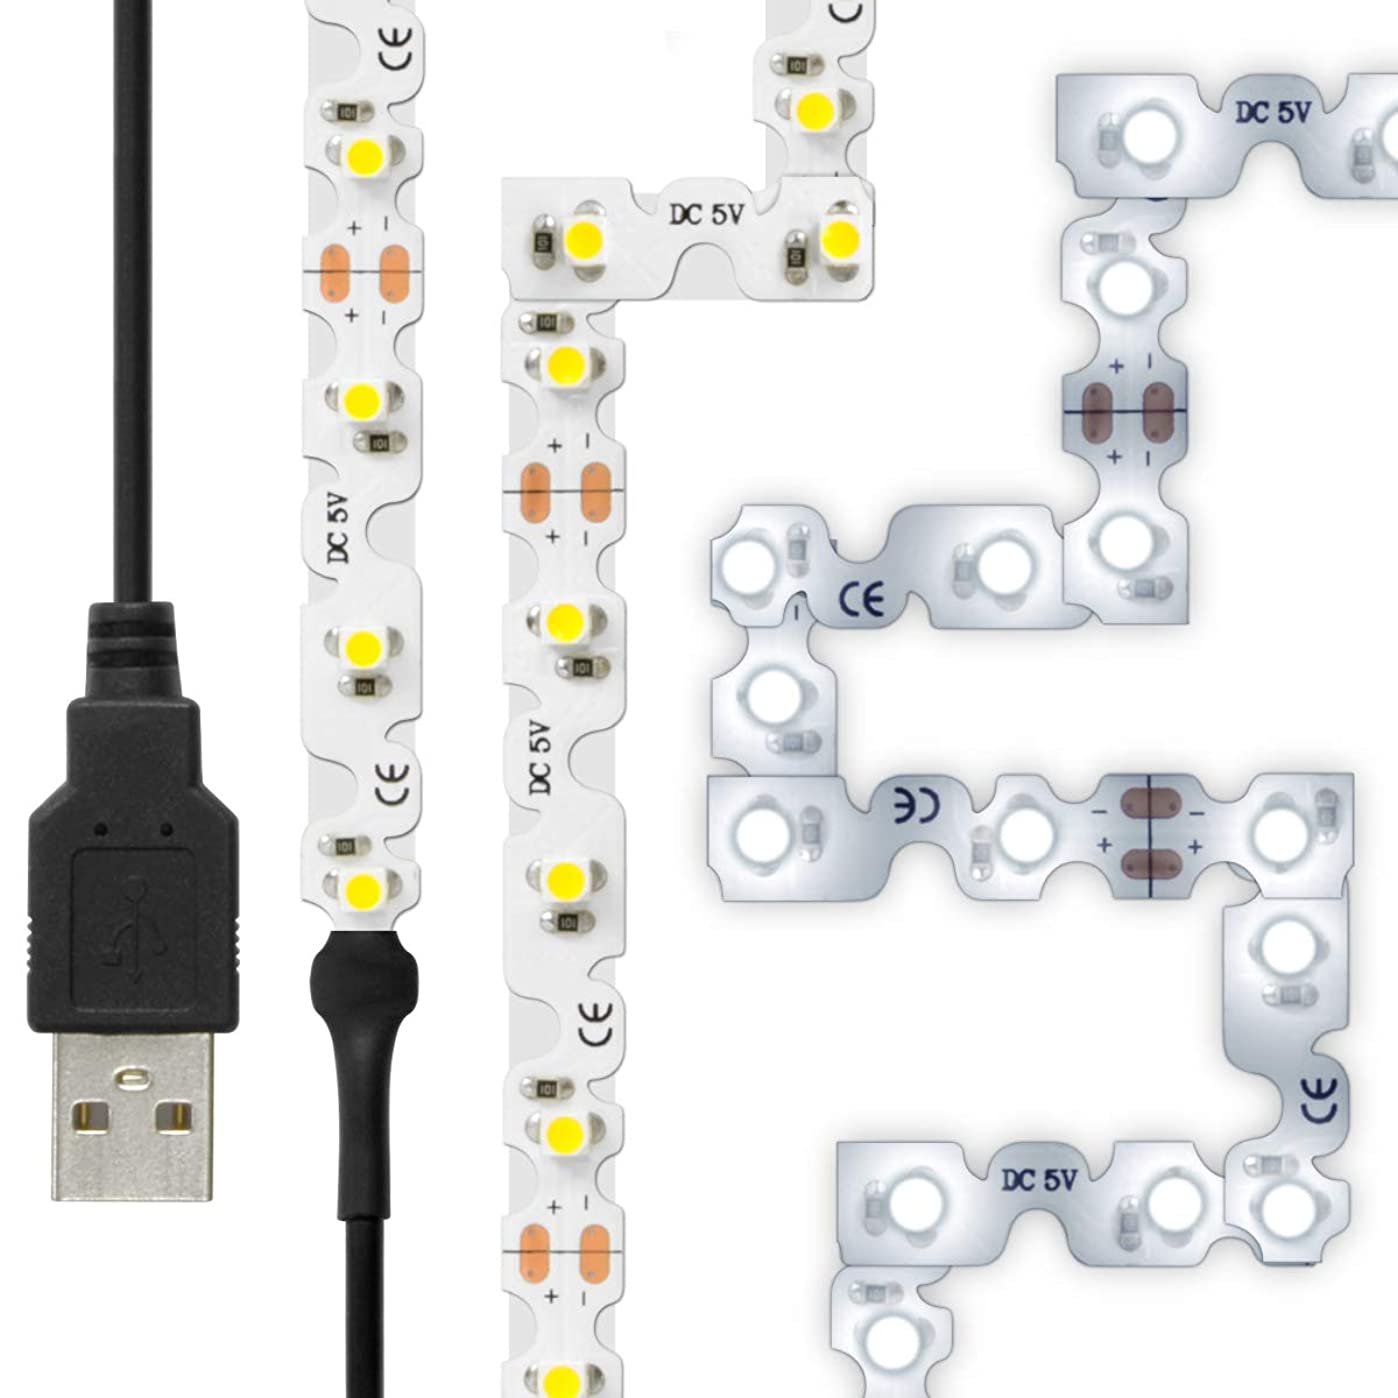 雪だるまを作る貧困ソロLEDテープライト (曲がる) 貼レルヤ USB (昼光色) 2m 120灯 角に合わせて曲げながら両面テープで貼り付け可能なフレキシブルタイプ ハサミでカットして長さの変更ができる 6000K JTT Online LEDTLMHAUDL2M